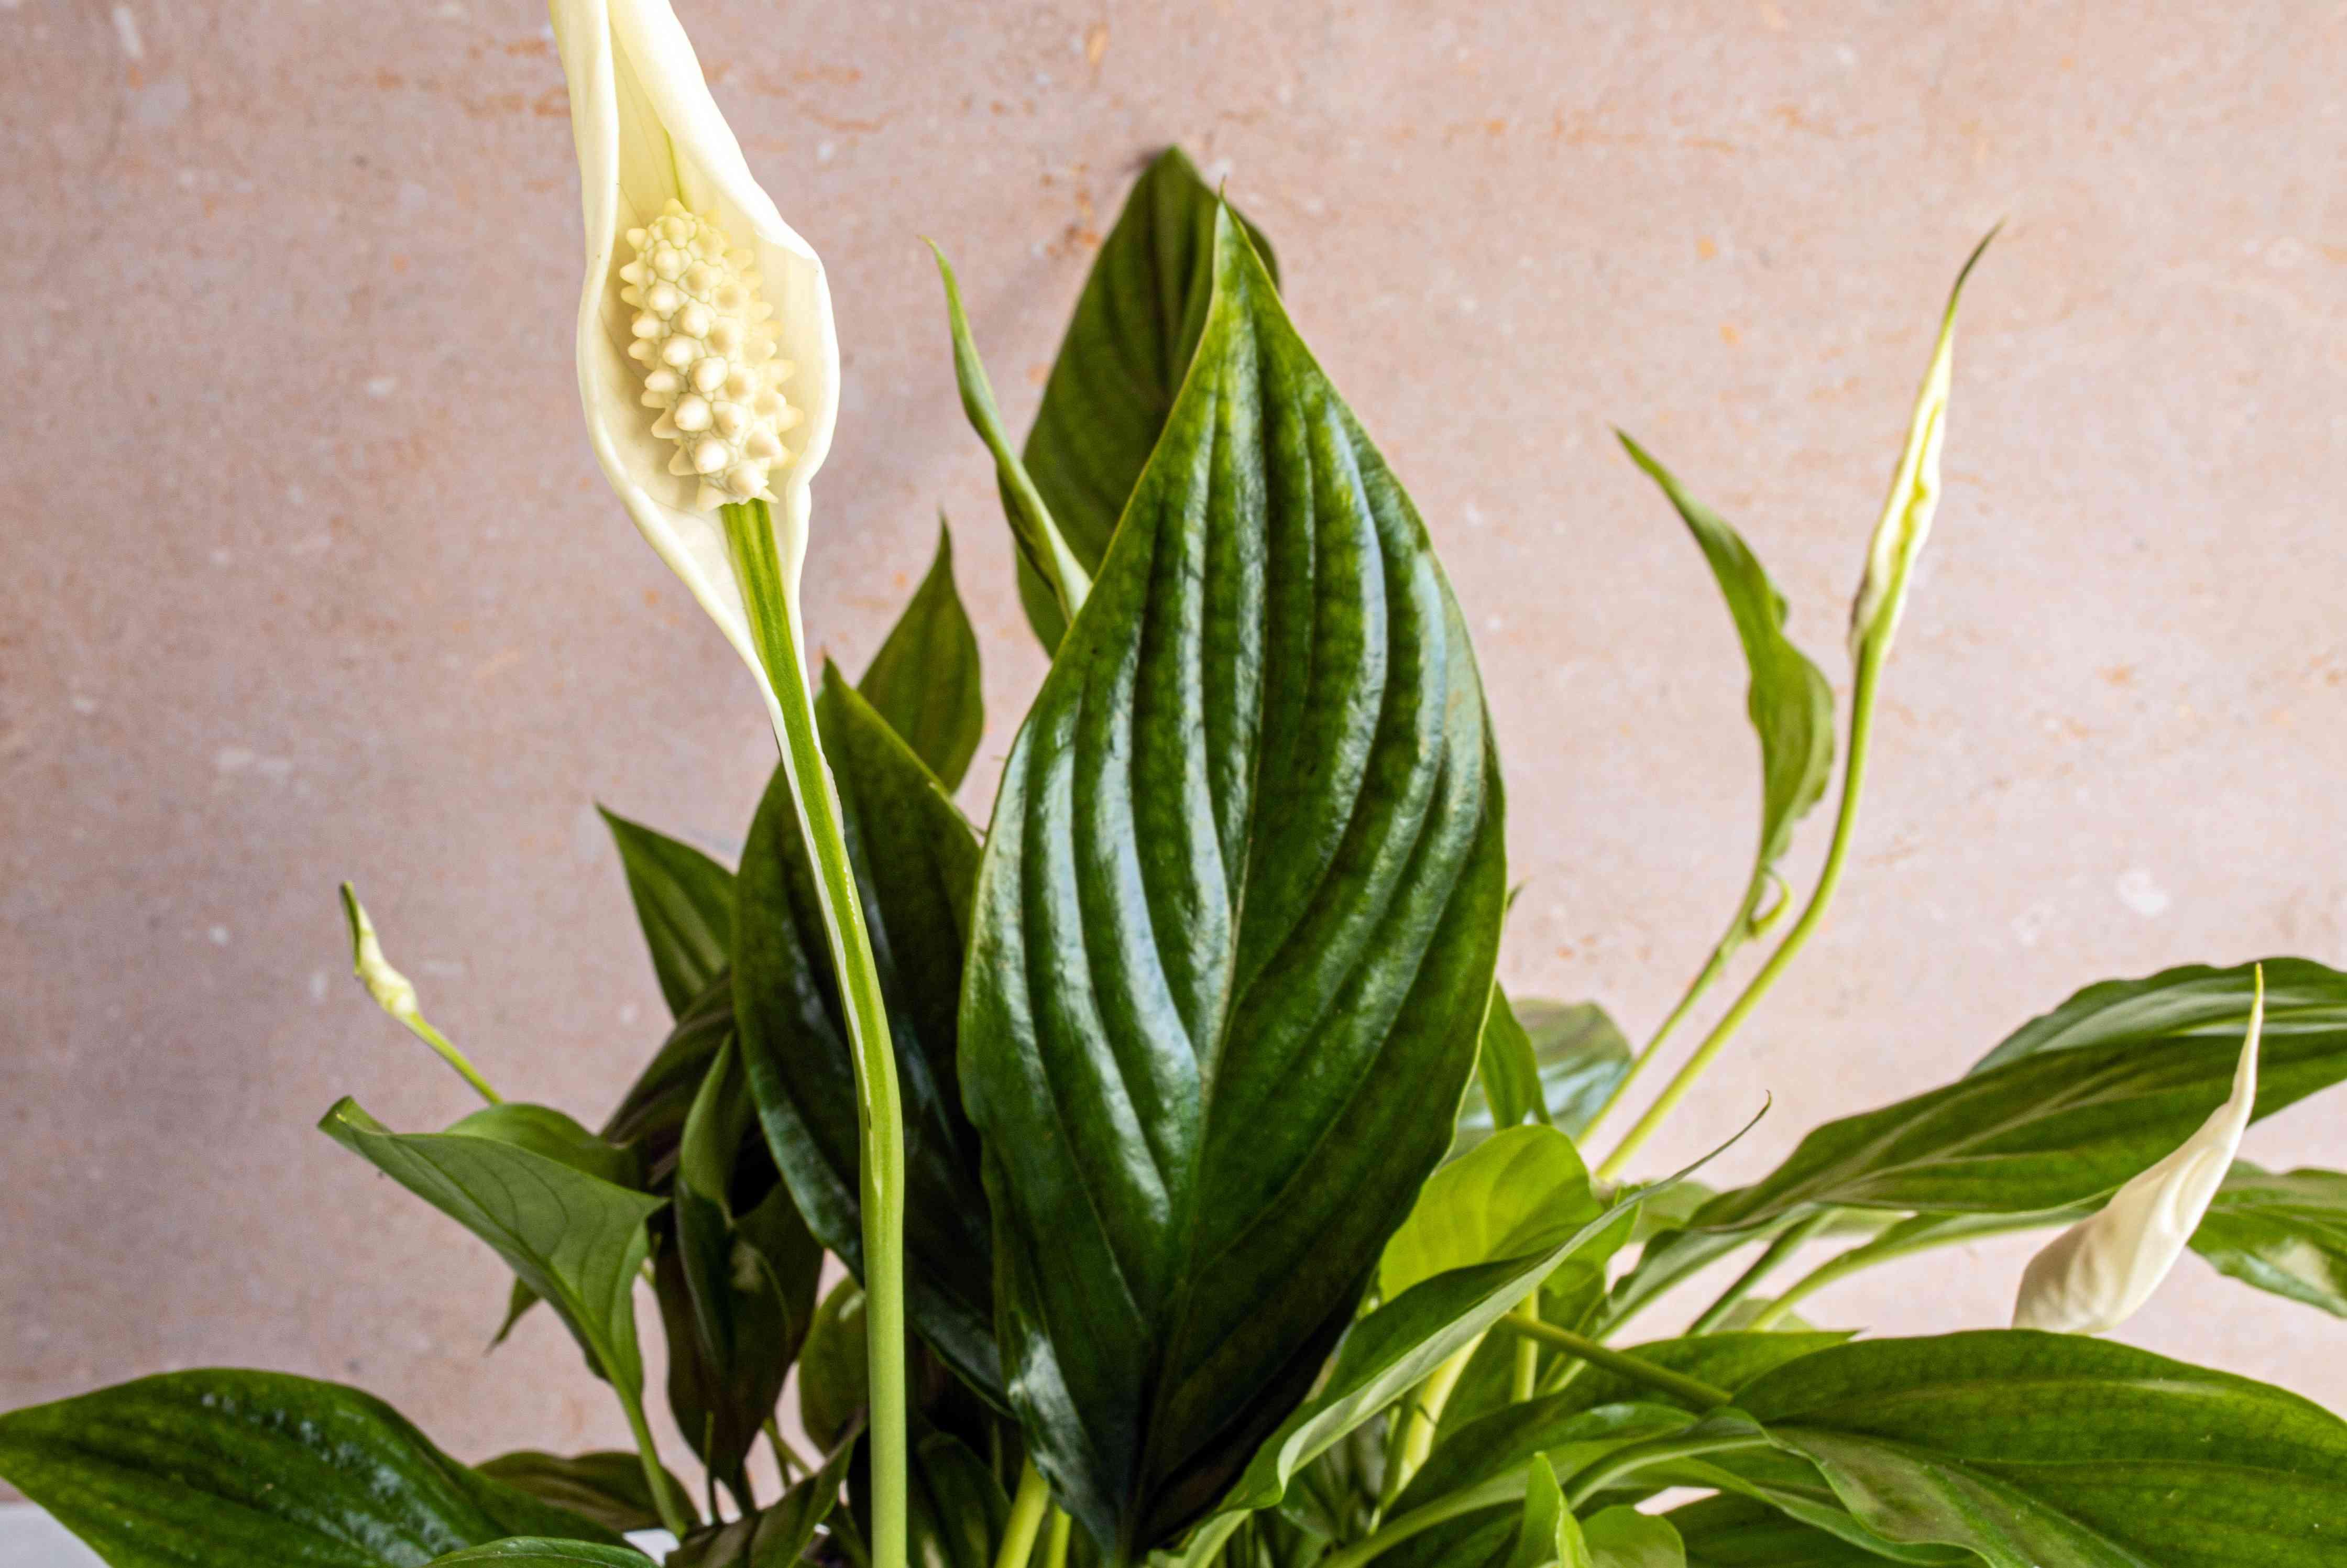 closeup of a peace lily